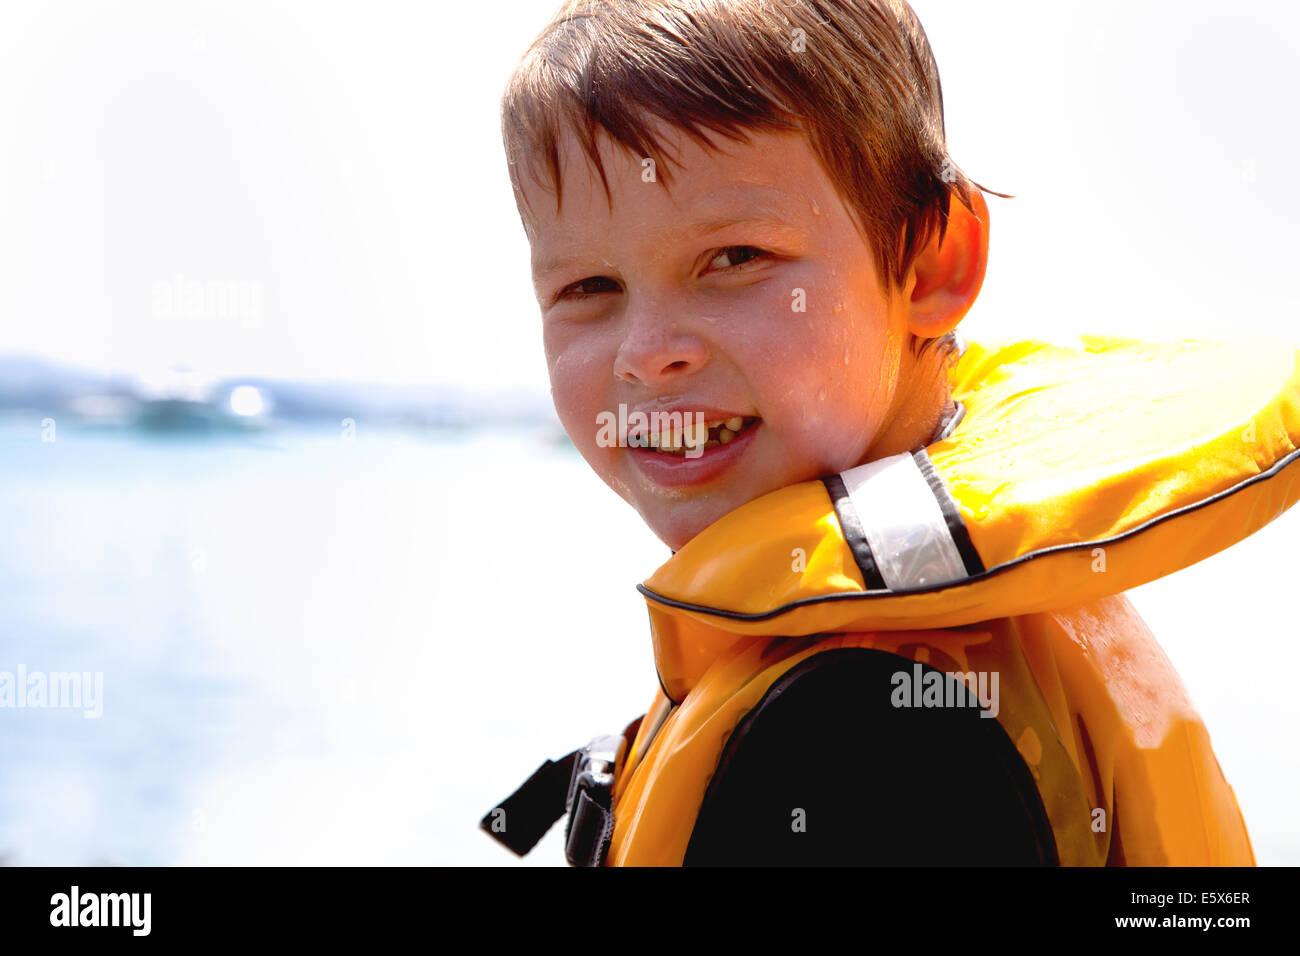 Cerrar retrato del niño sonriente en salvavidas Imagen De Stock